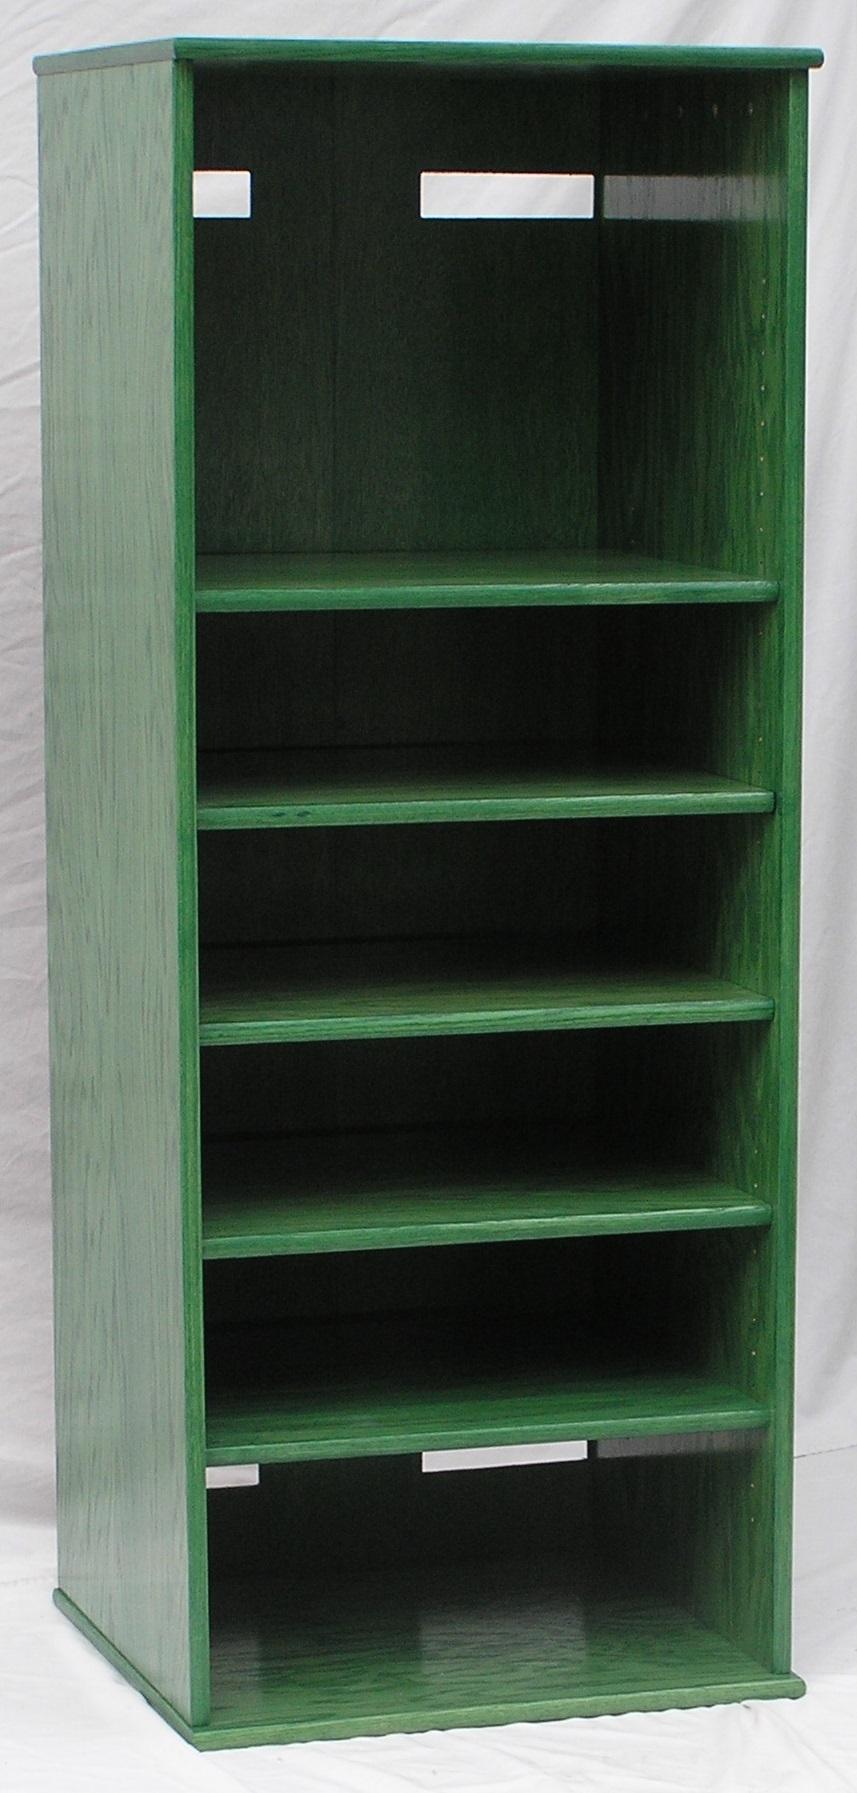 sc2260-green-tea-stereo-cabinet.jpg